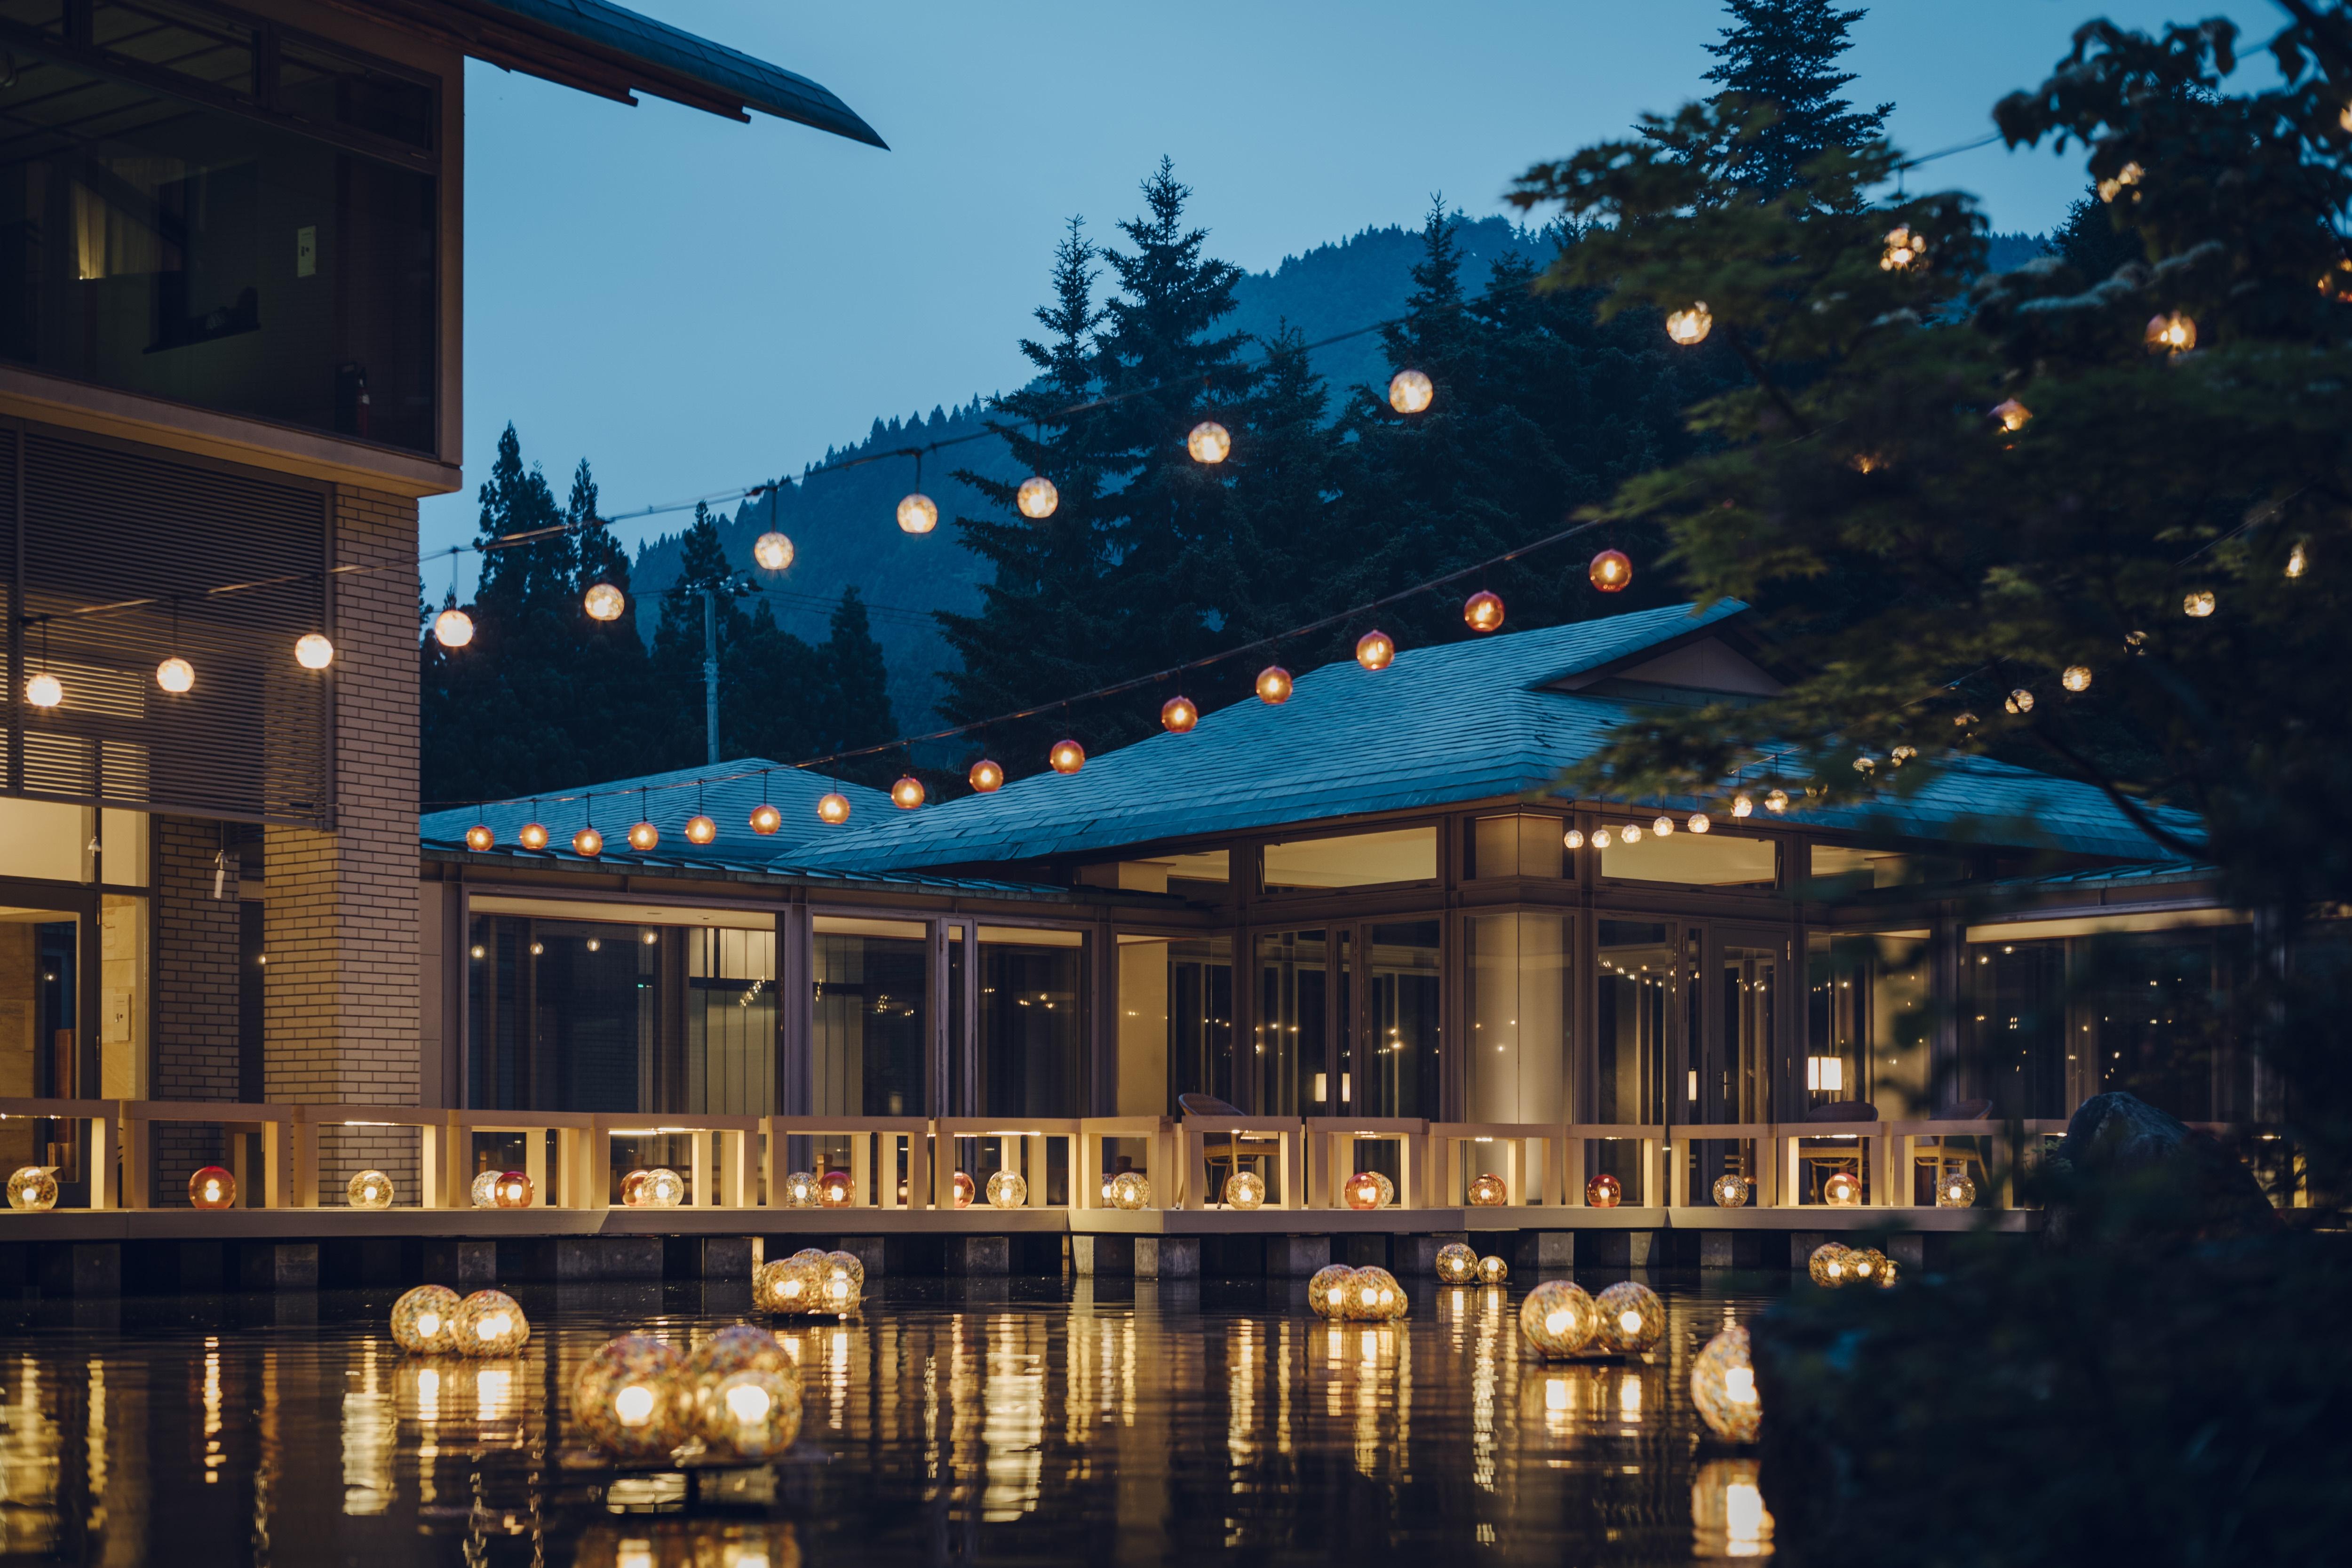 津軽四季の水庭では、津軽の伝統工芸に振れながら、湯涼みのひとときを過ごすことができる